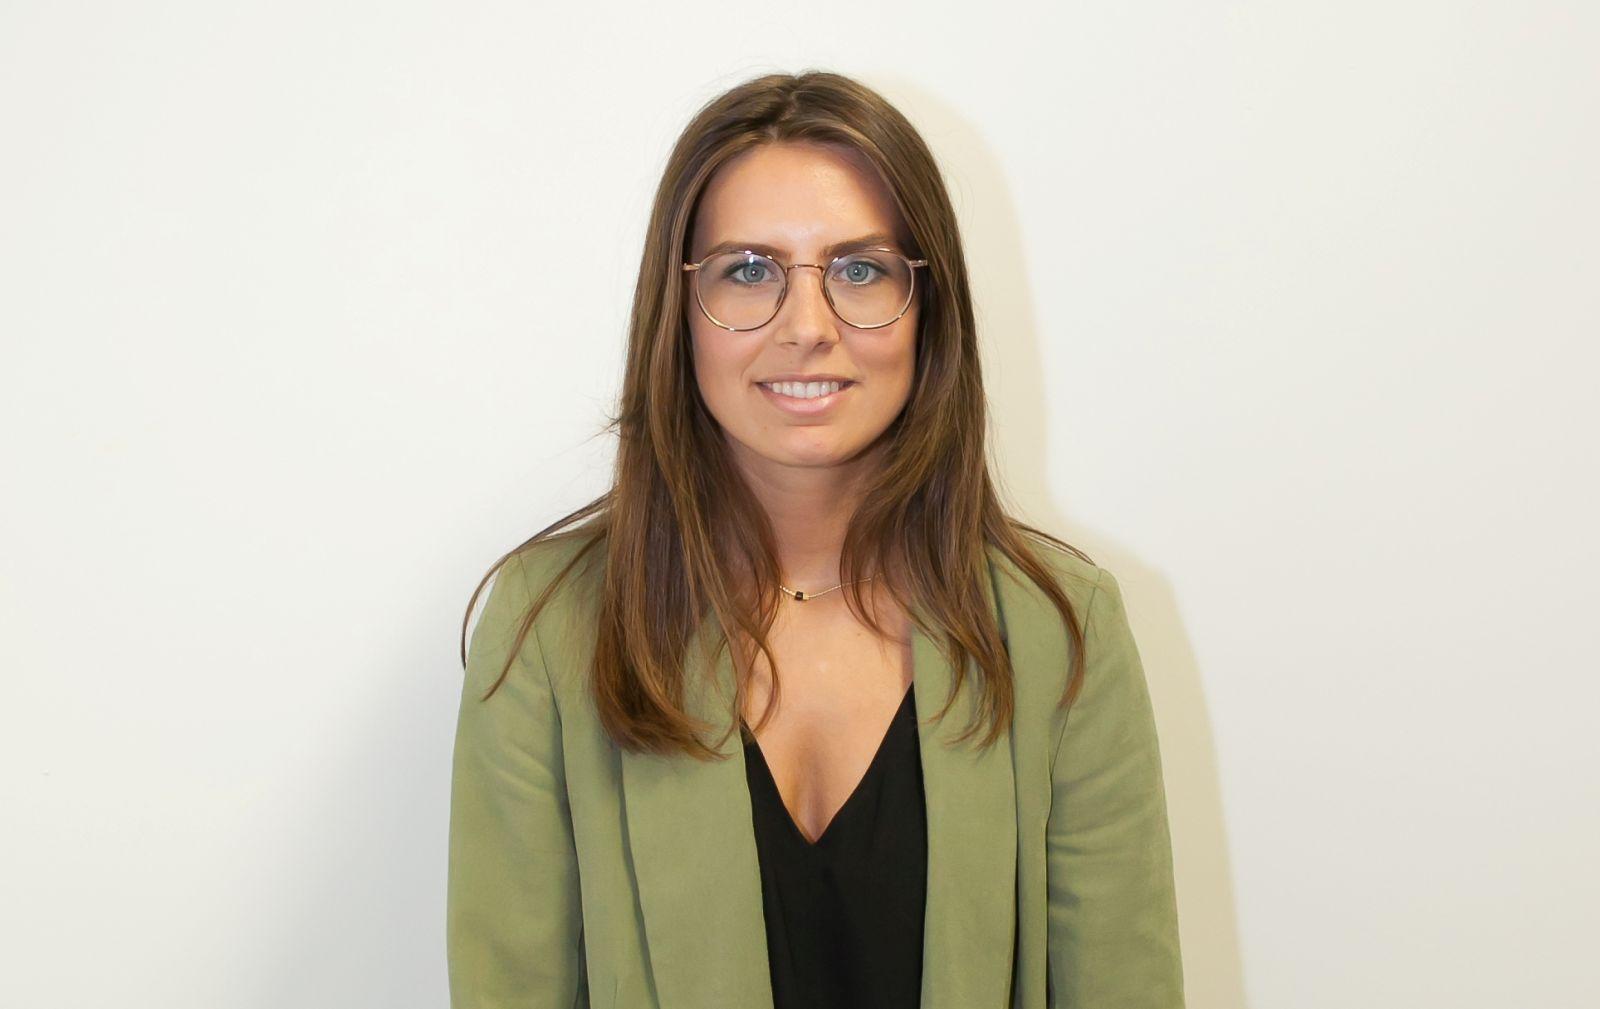 Welkom aan onze nieuwe collega Julie